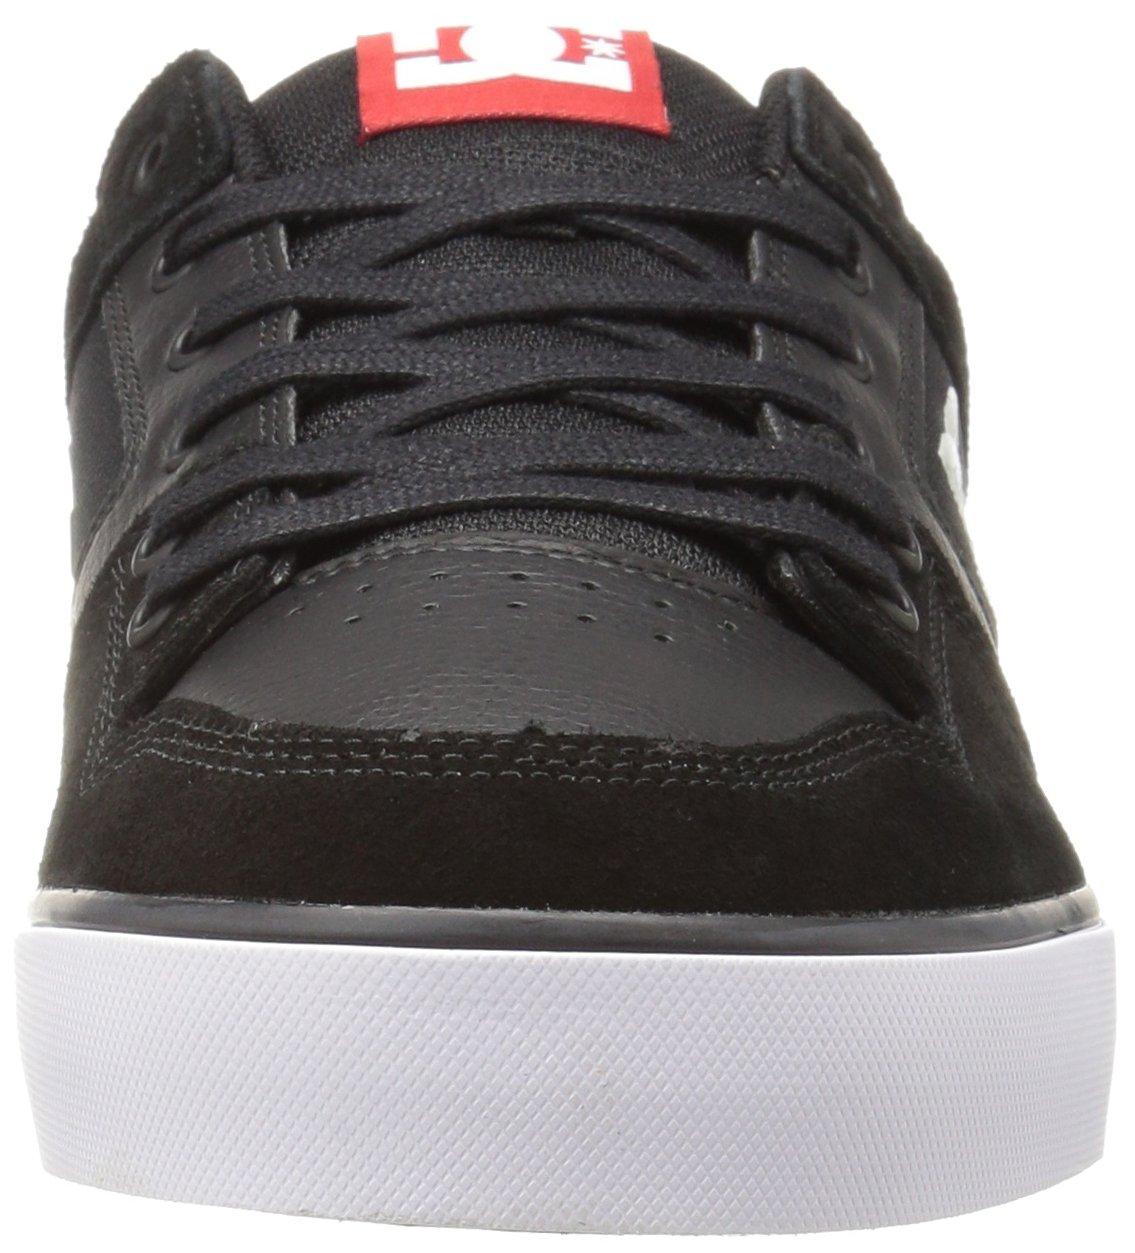 DC Shoes Mens Shoes Pure - Shoes - Men - 9.5 - Black Black/Athletic Red 9.5 by DC (Image #4)